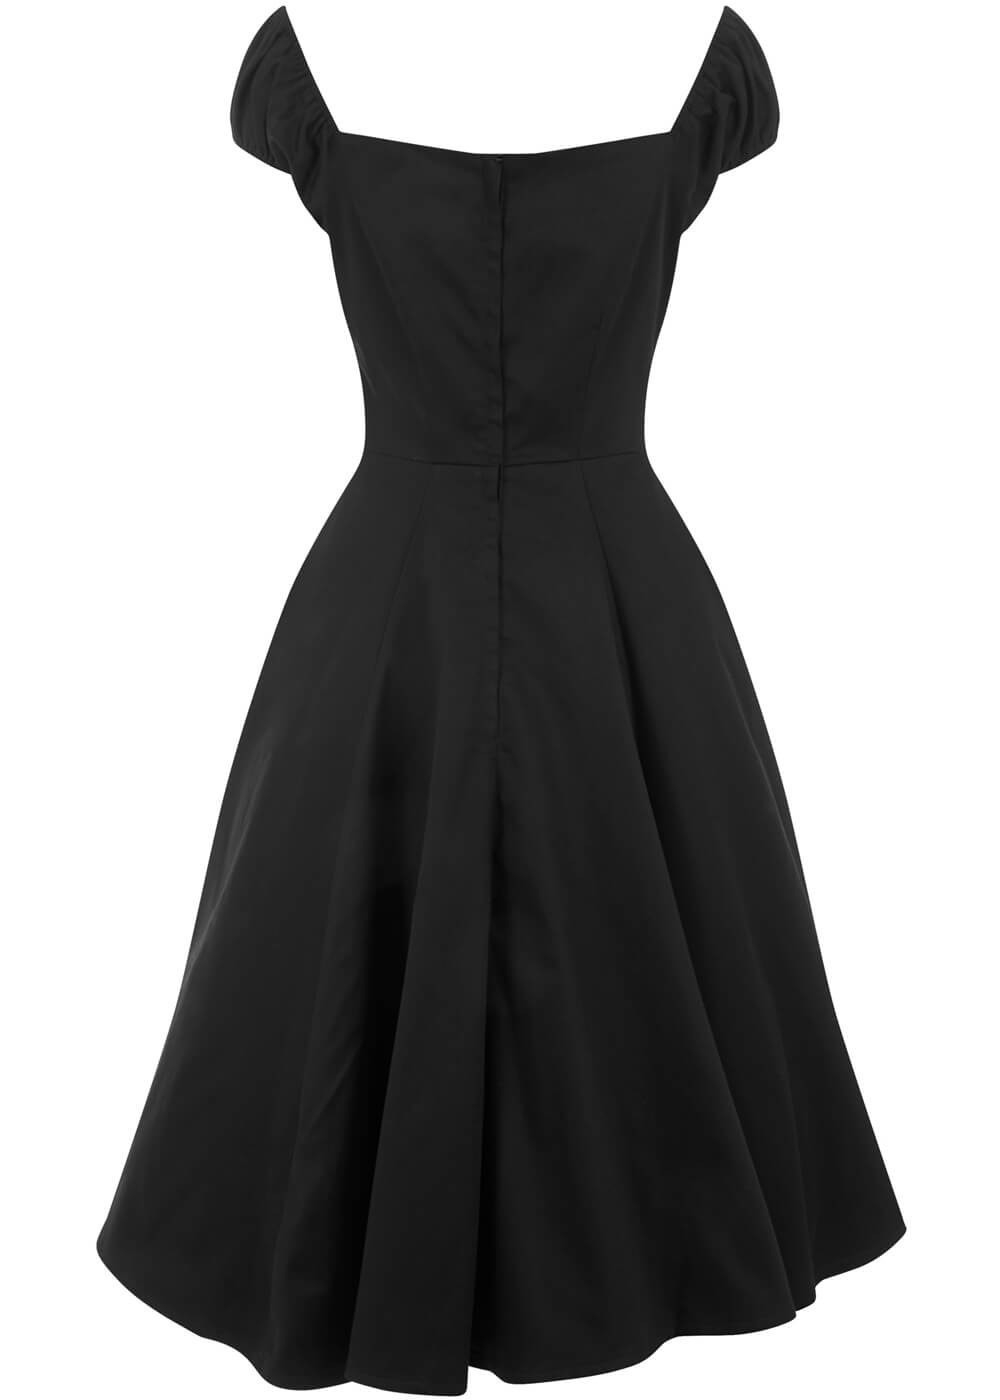 Formal Schön Kleider In Schwarz Vertrieb - Abendkleid